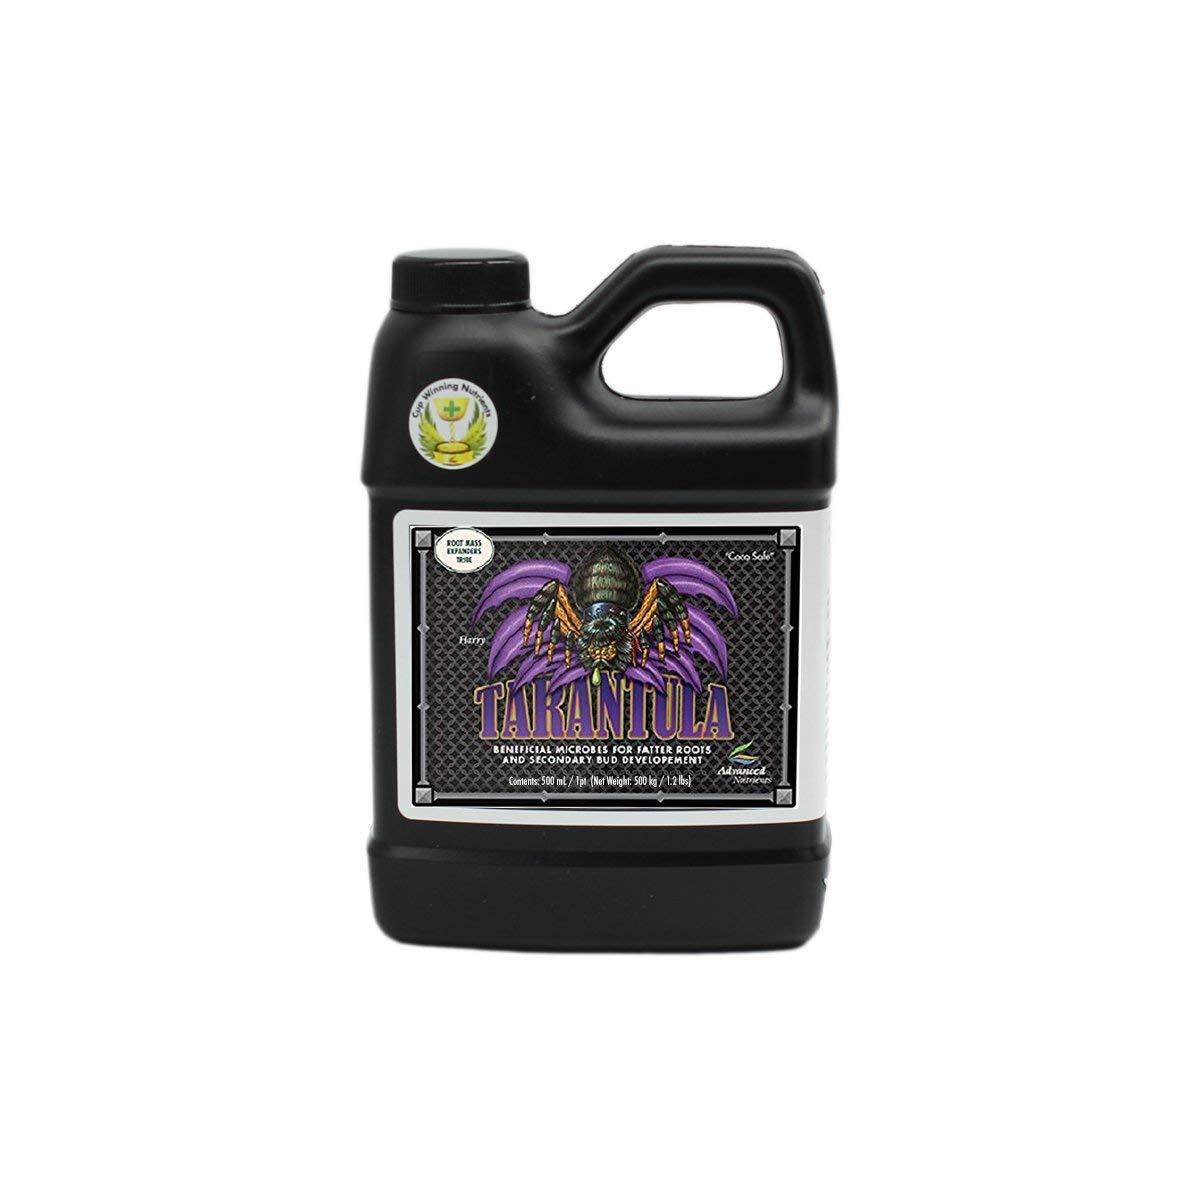 Advanced Nutrients Tarantula Liquid Microbial Organic Beneficial Bacteria Liquid Fertilizer 500mL